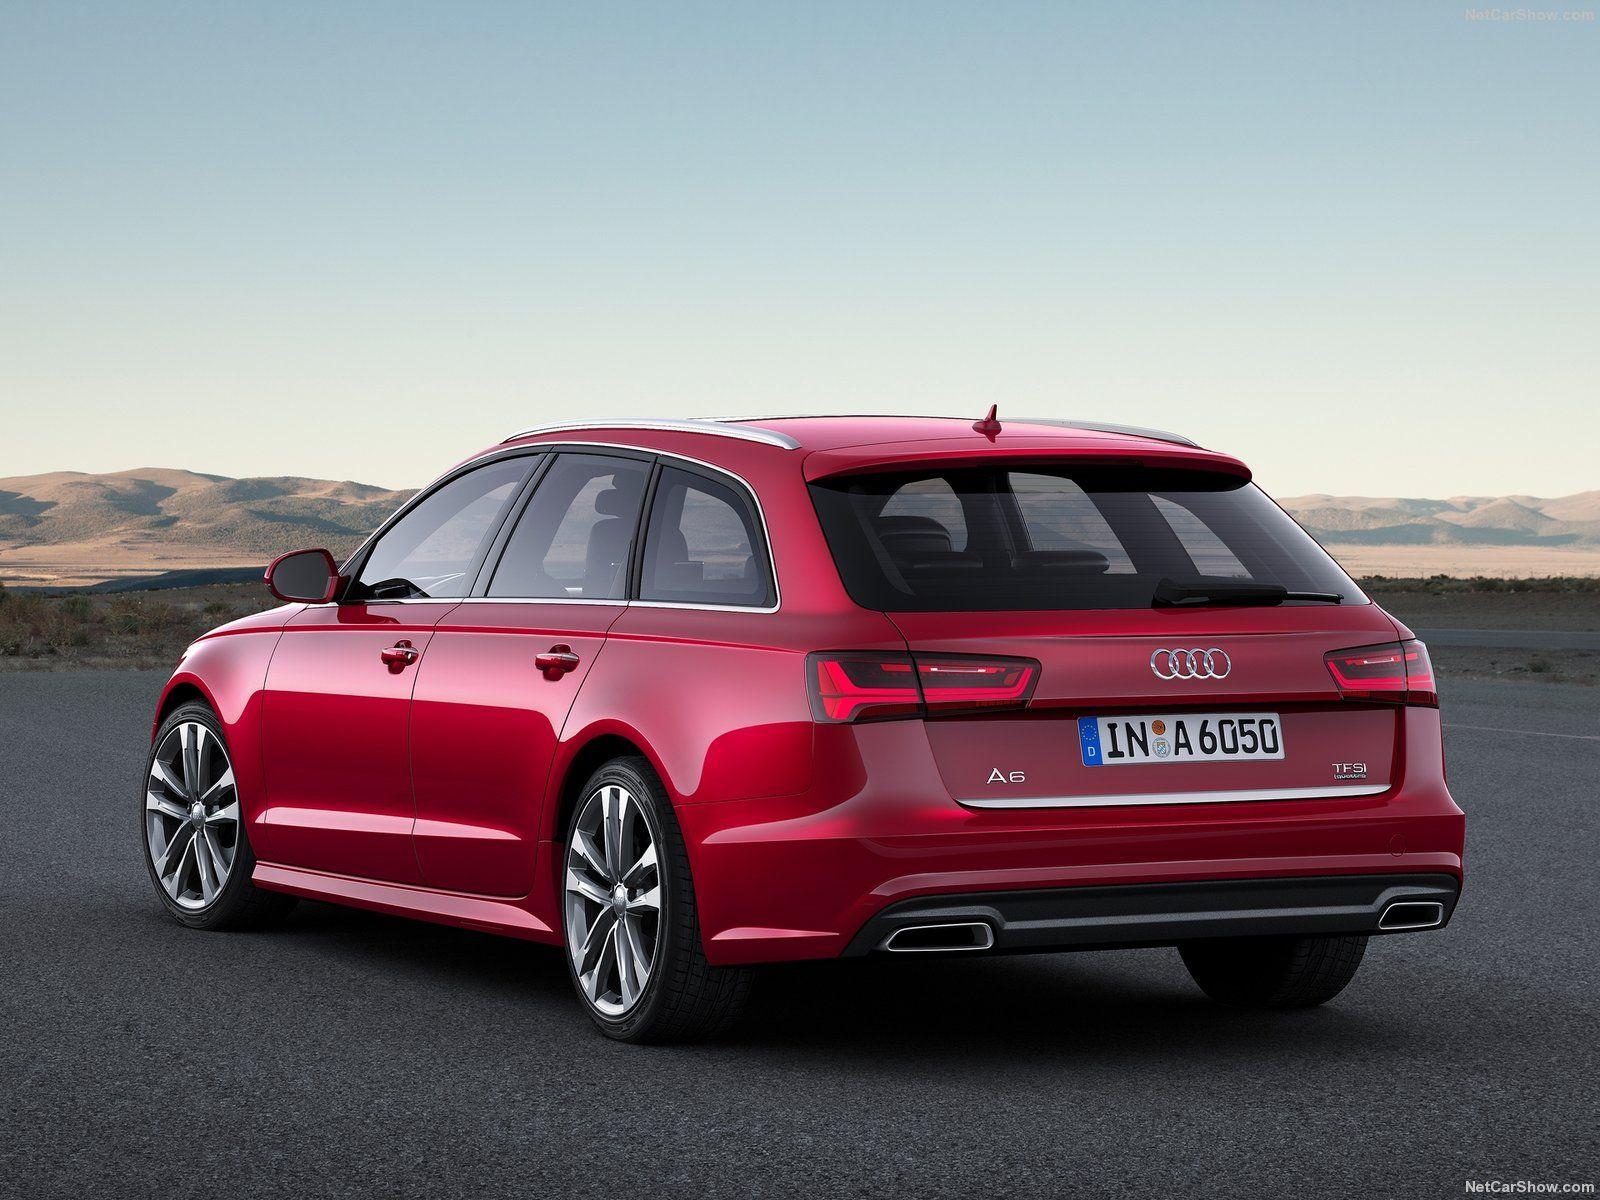 Kelebihan Kekurangan Audi A6 2017 Tangguh